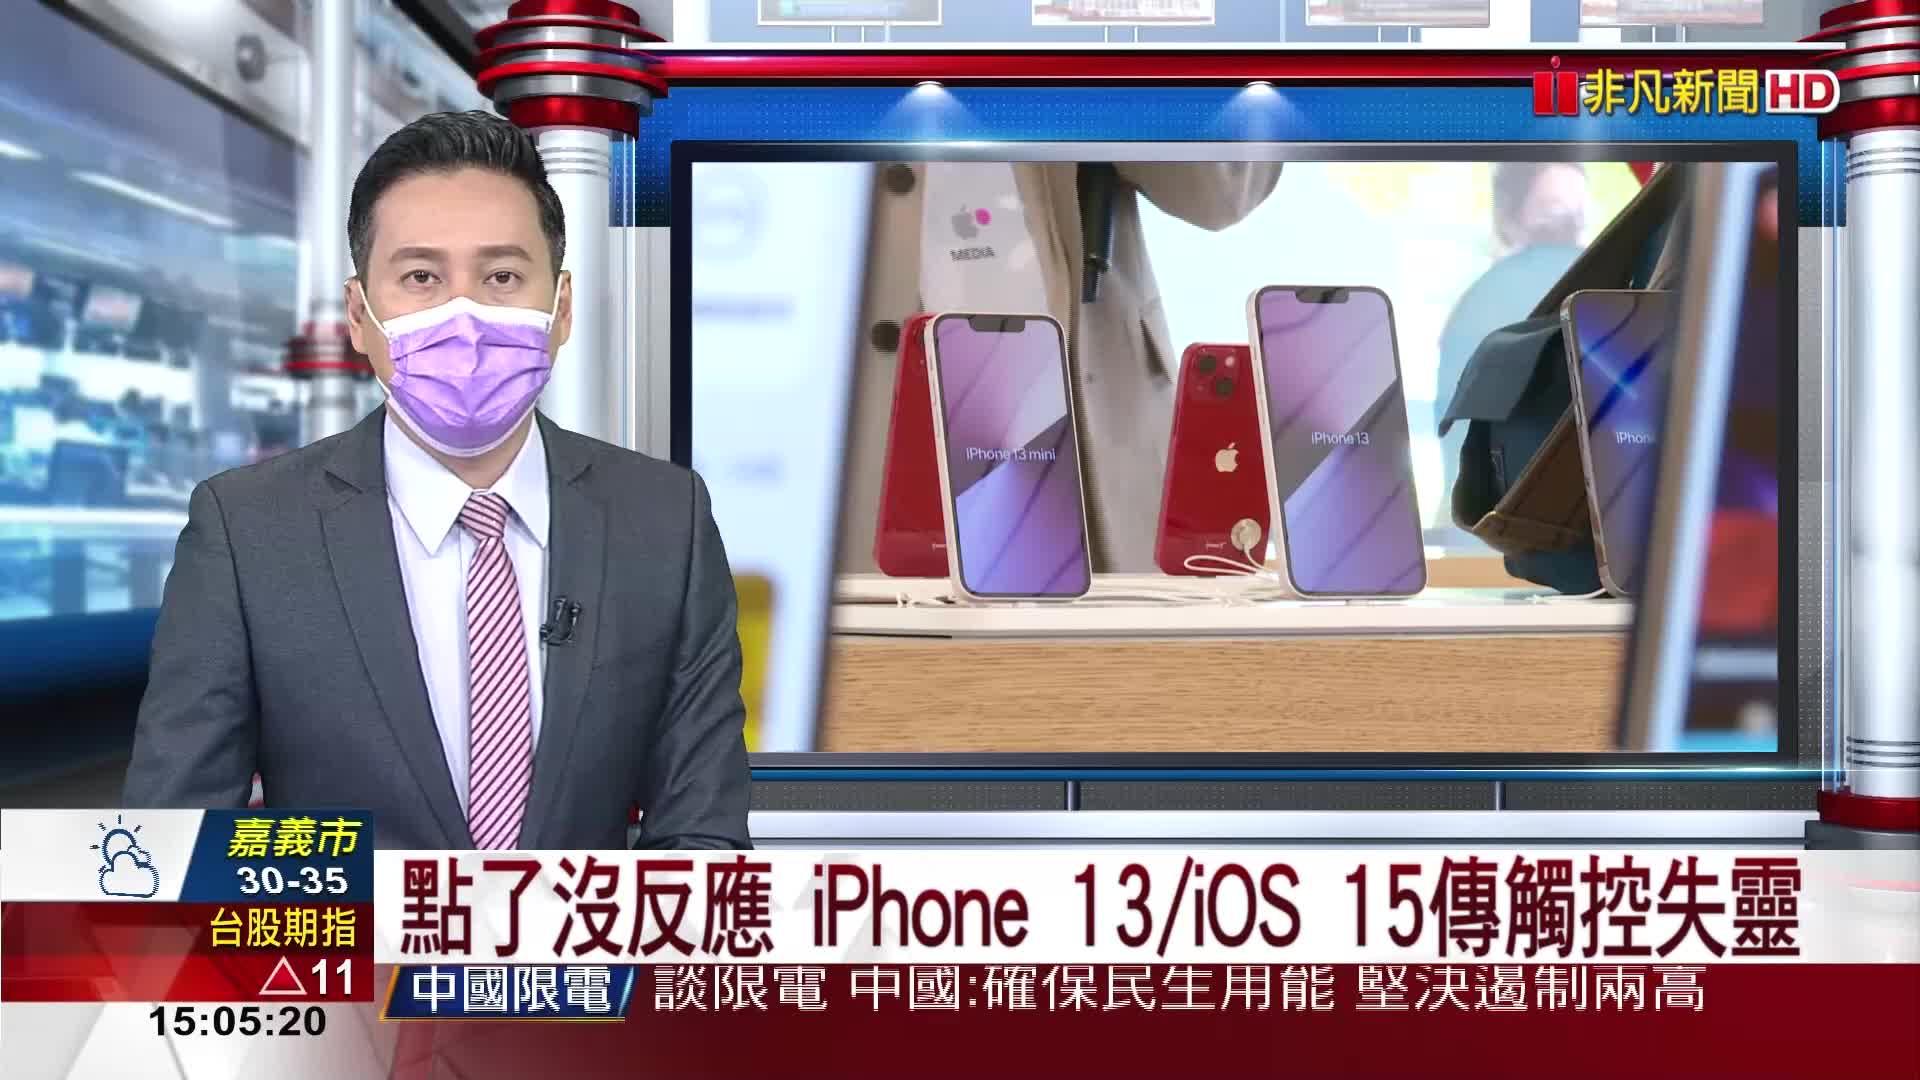 點了沒反應 iPhone 13/iOS 15傳觸控失靈